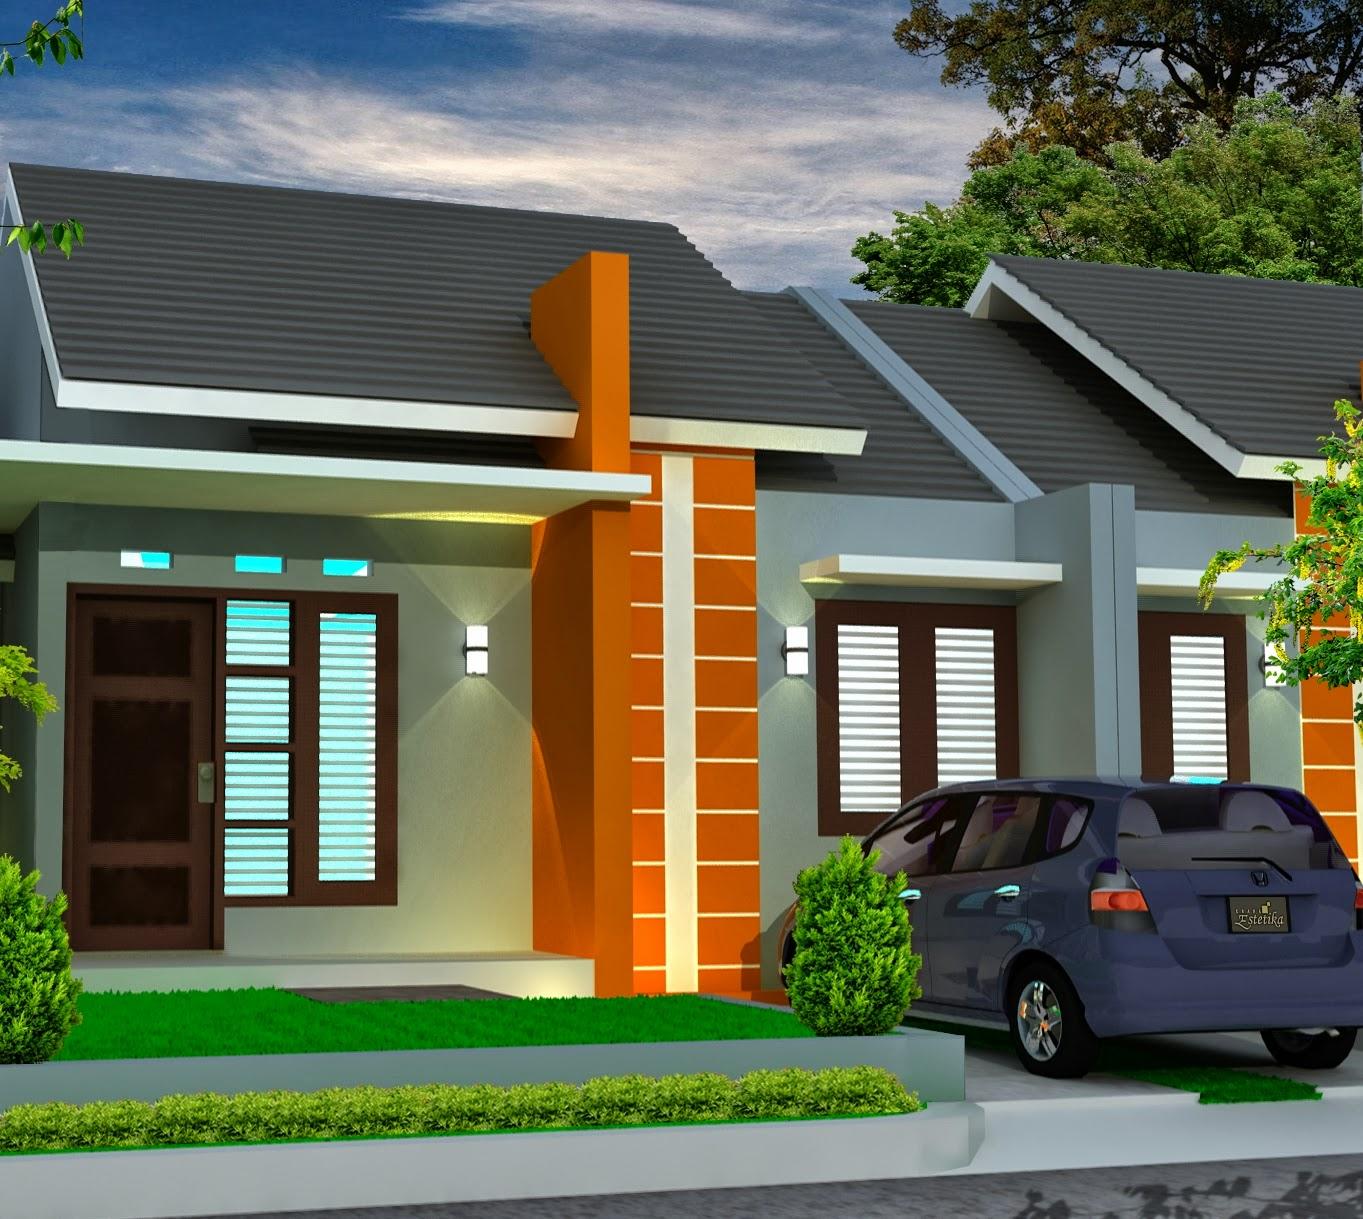 rumah sederhana type 45 minimalis blog koleksi desain rumah